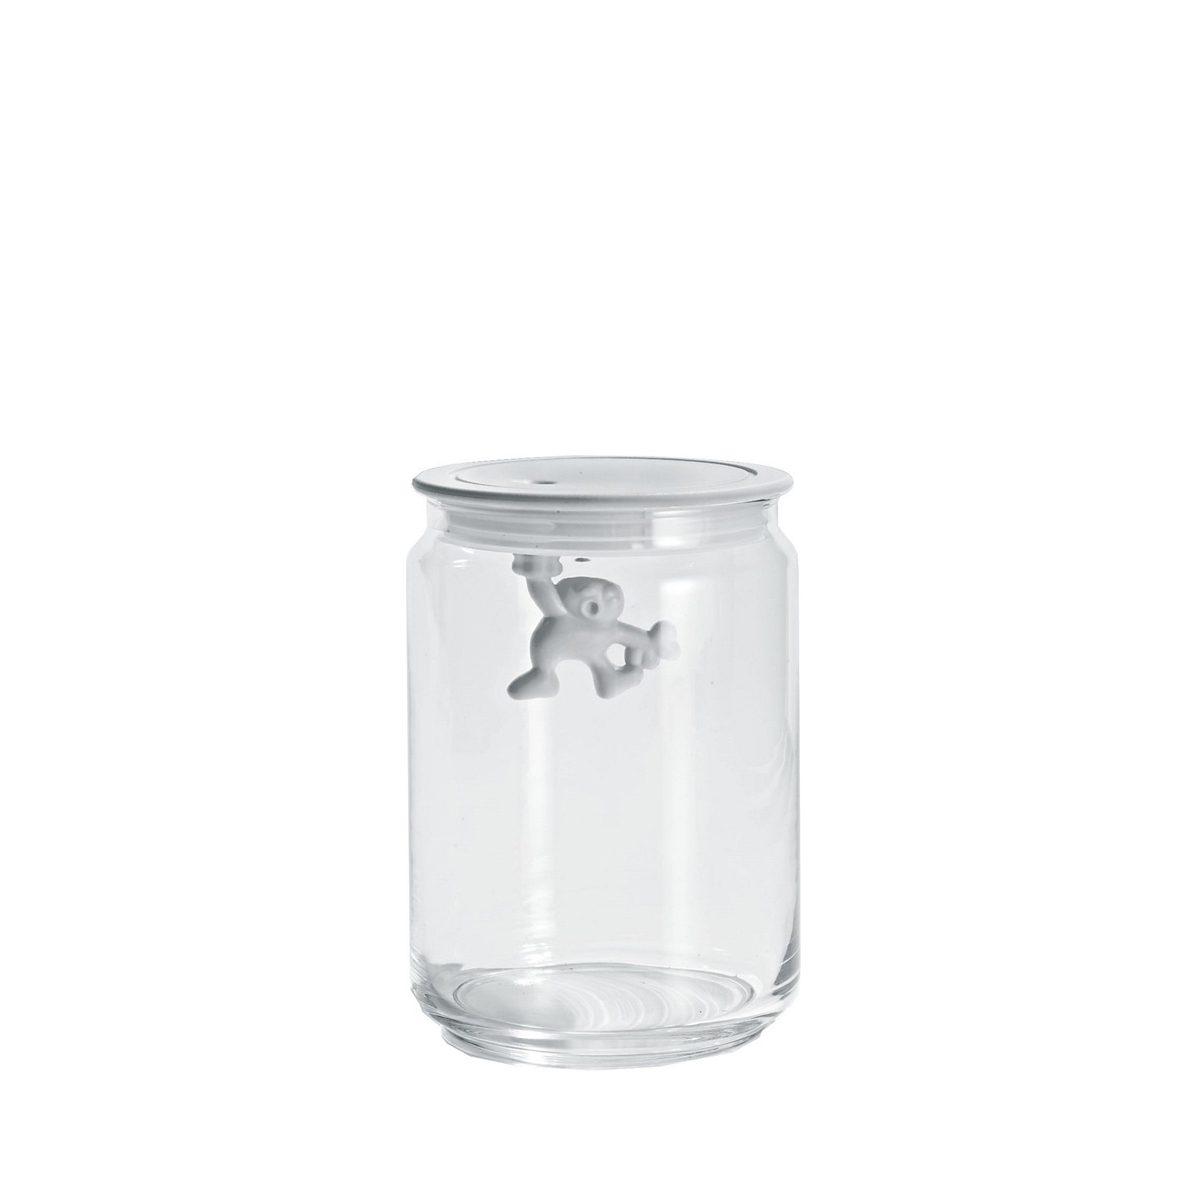 Alessi Alessi GIANNI Küchendose aus Glas weiß 0.9L